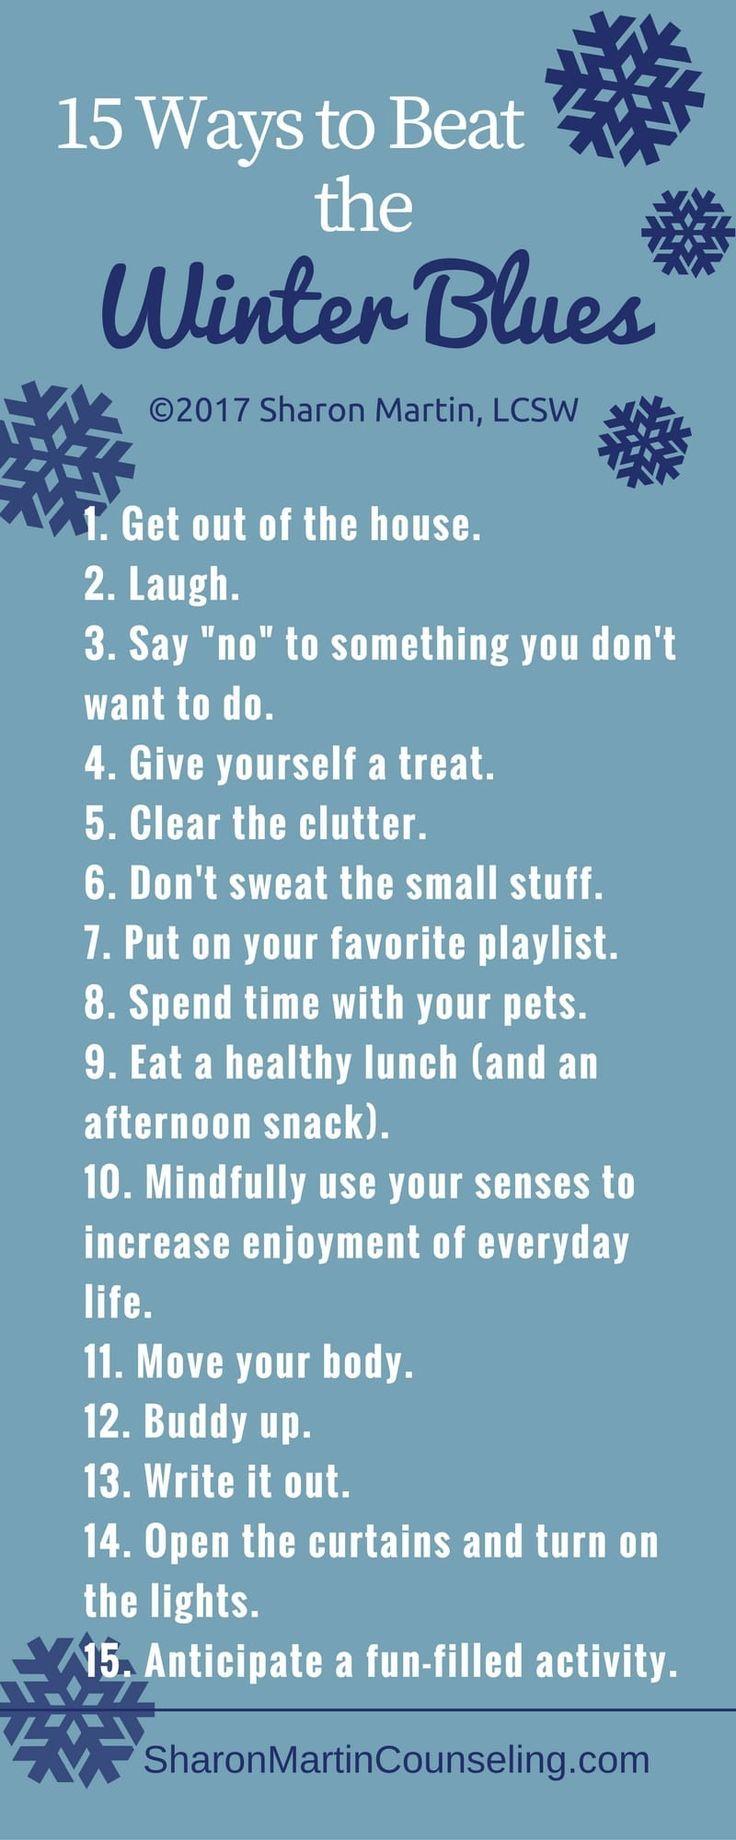 foto 12 Ways to Ease Seasonal Depression